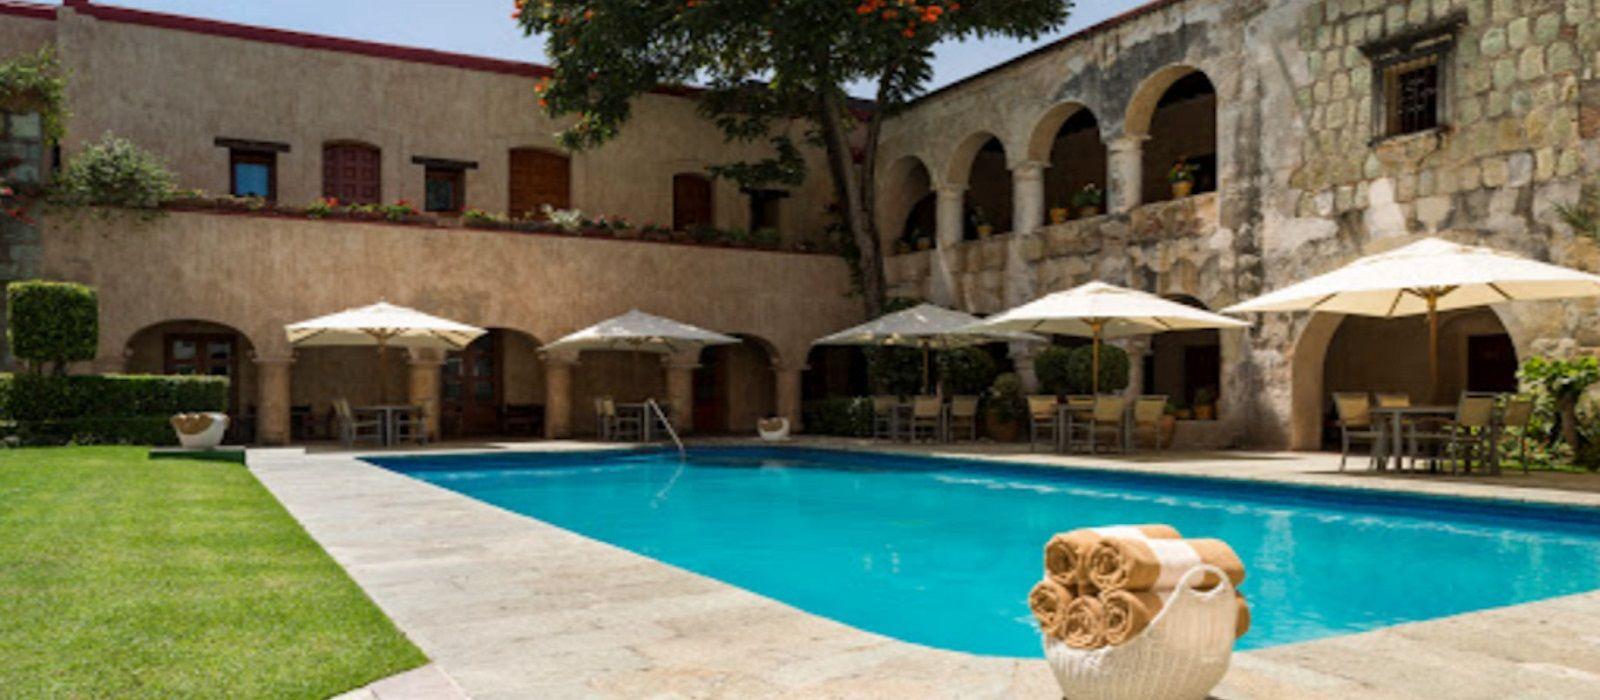 Hotel Quinta Real Oaxaca Mexico